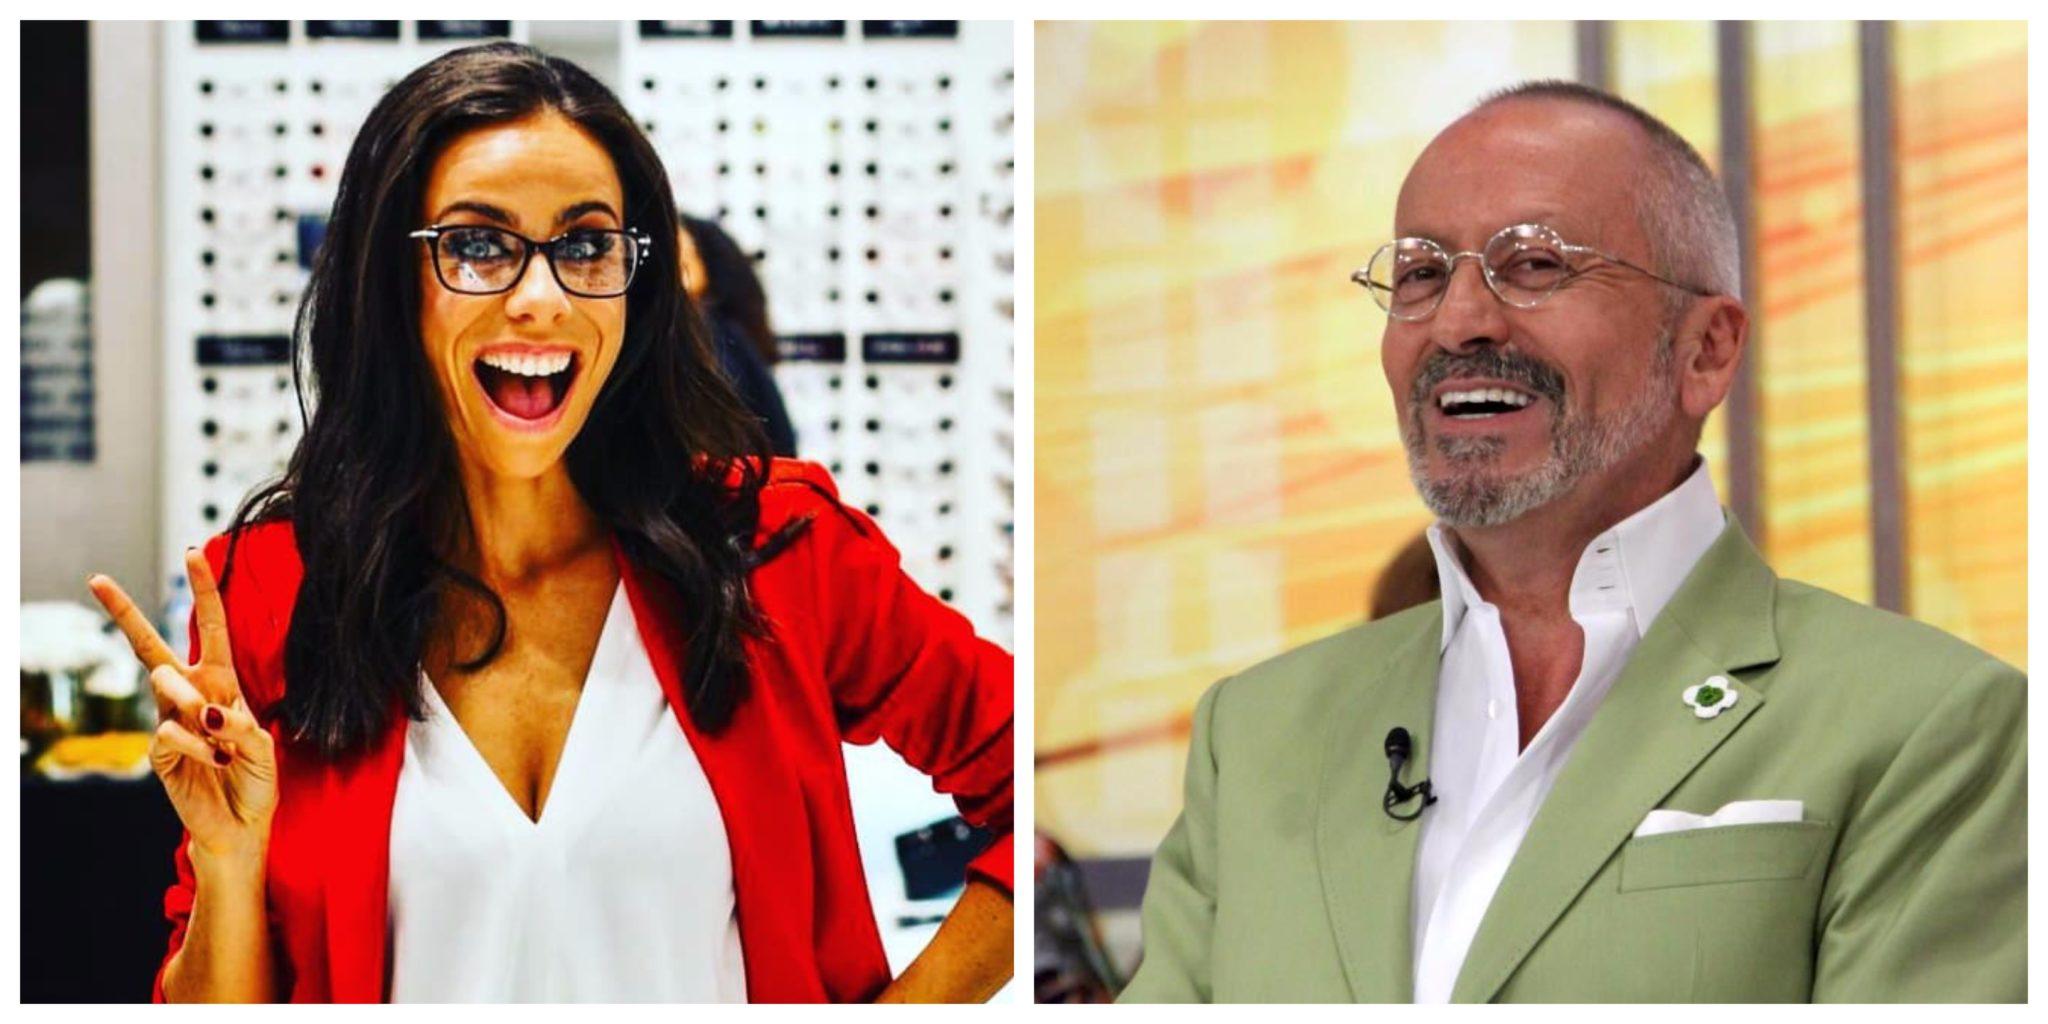 filomena cautela manuel luis goucha Filomena Cautela faz proposta a Manuel Luís Goucha